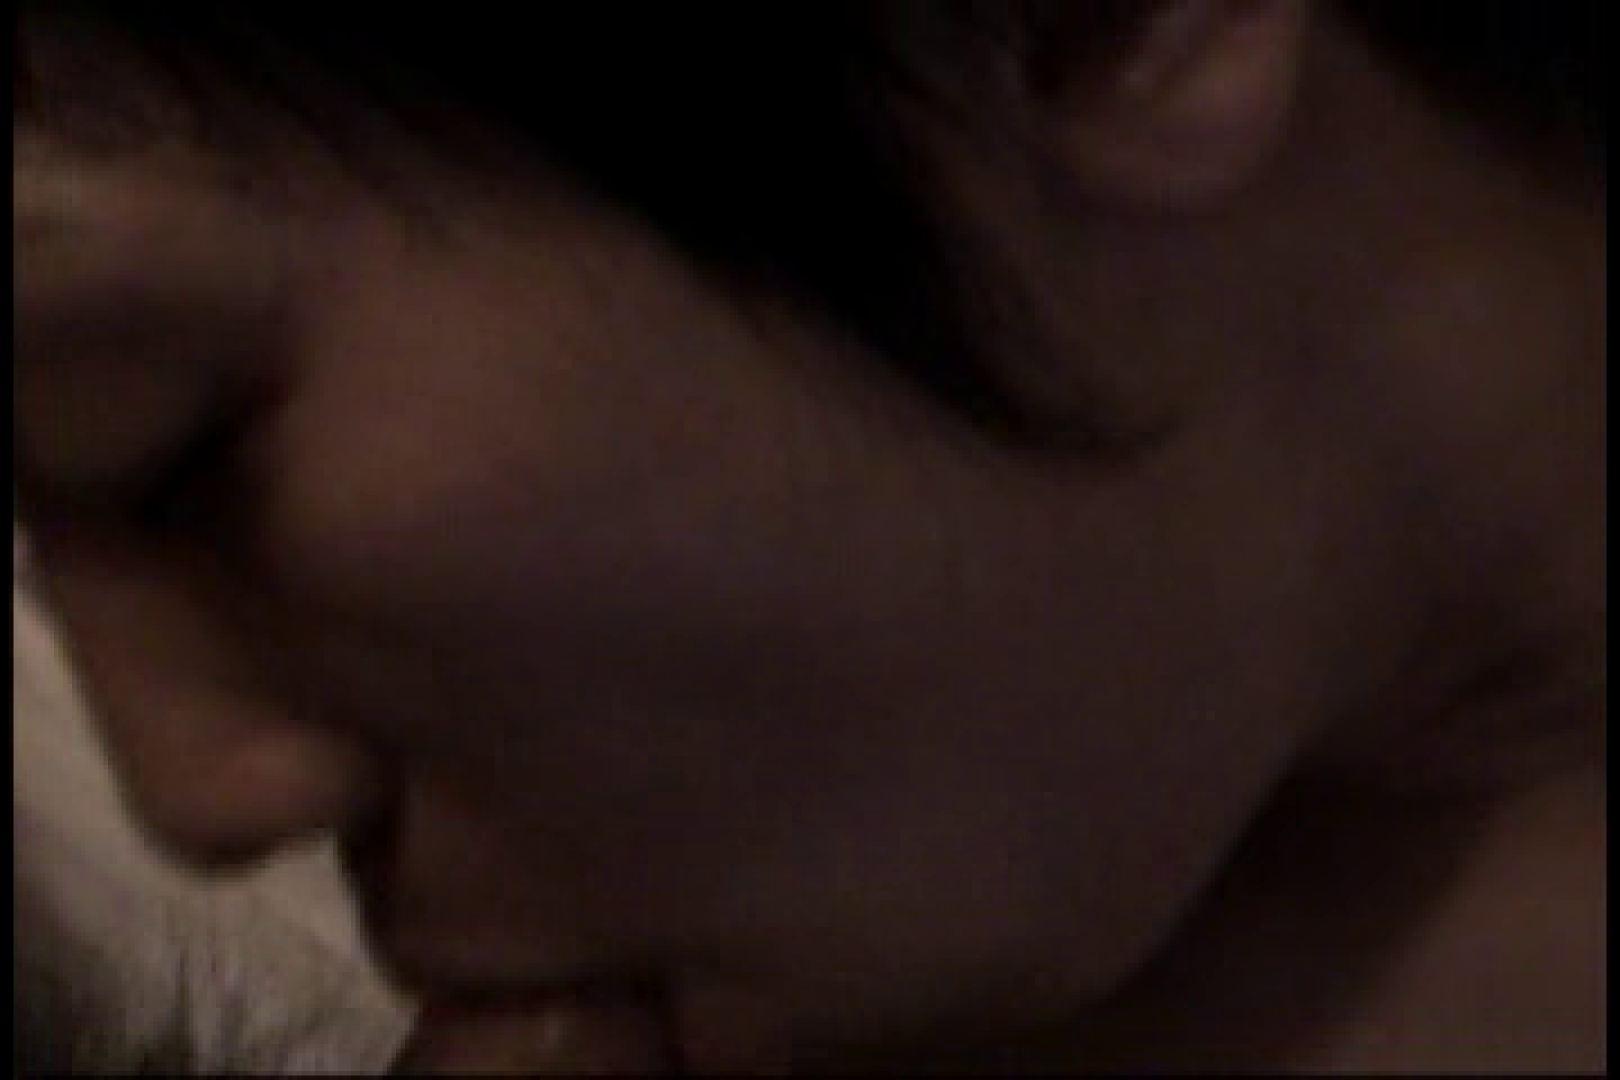 三ツ星シリーズ!!陰間茶屋独占!!第二弾!!イケメン羞恥心File.02 フェラ天国 ゲイエロ画像 99pic 4